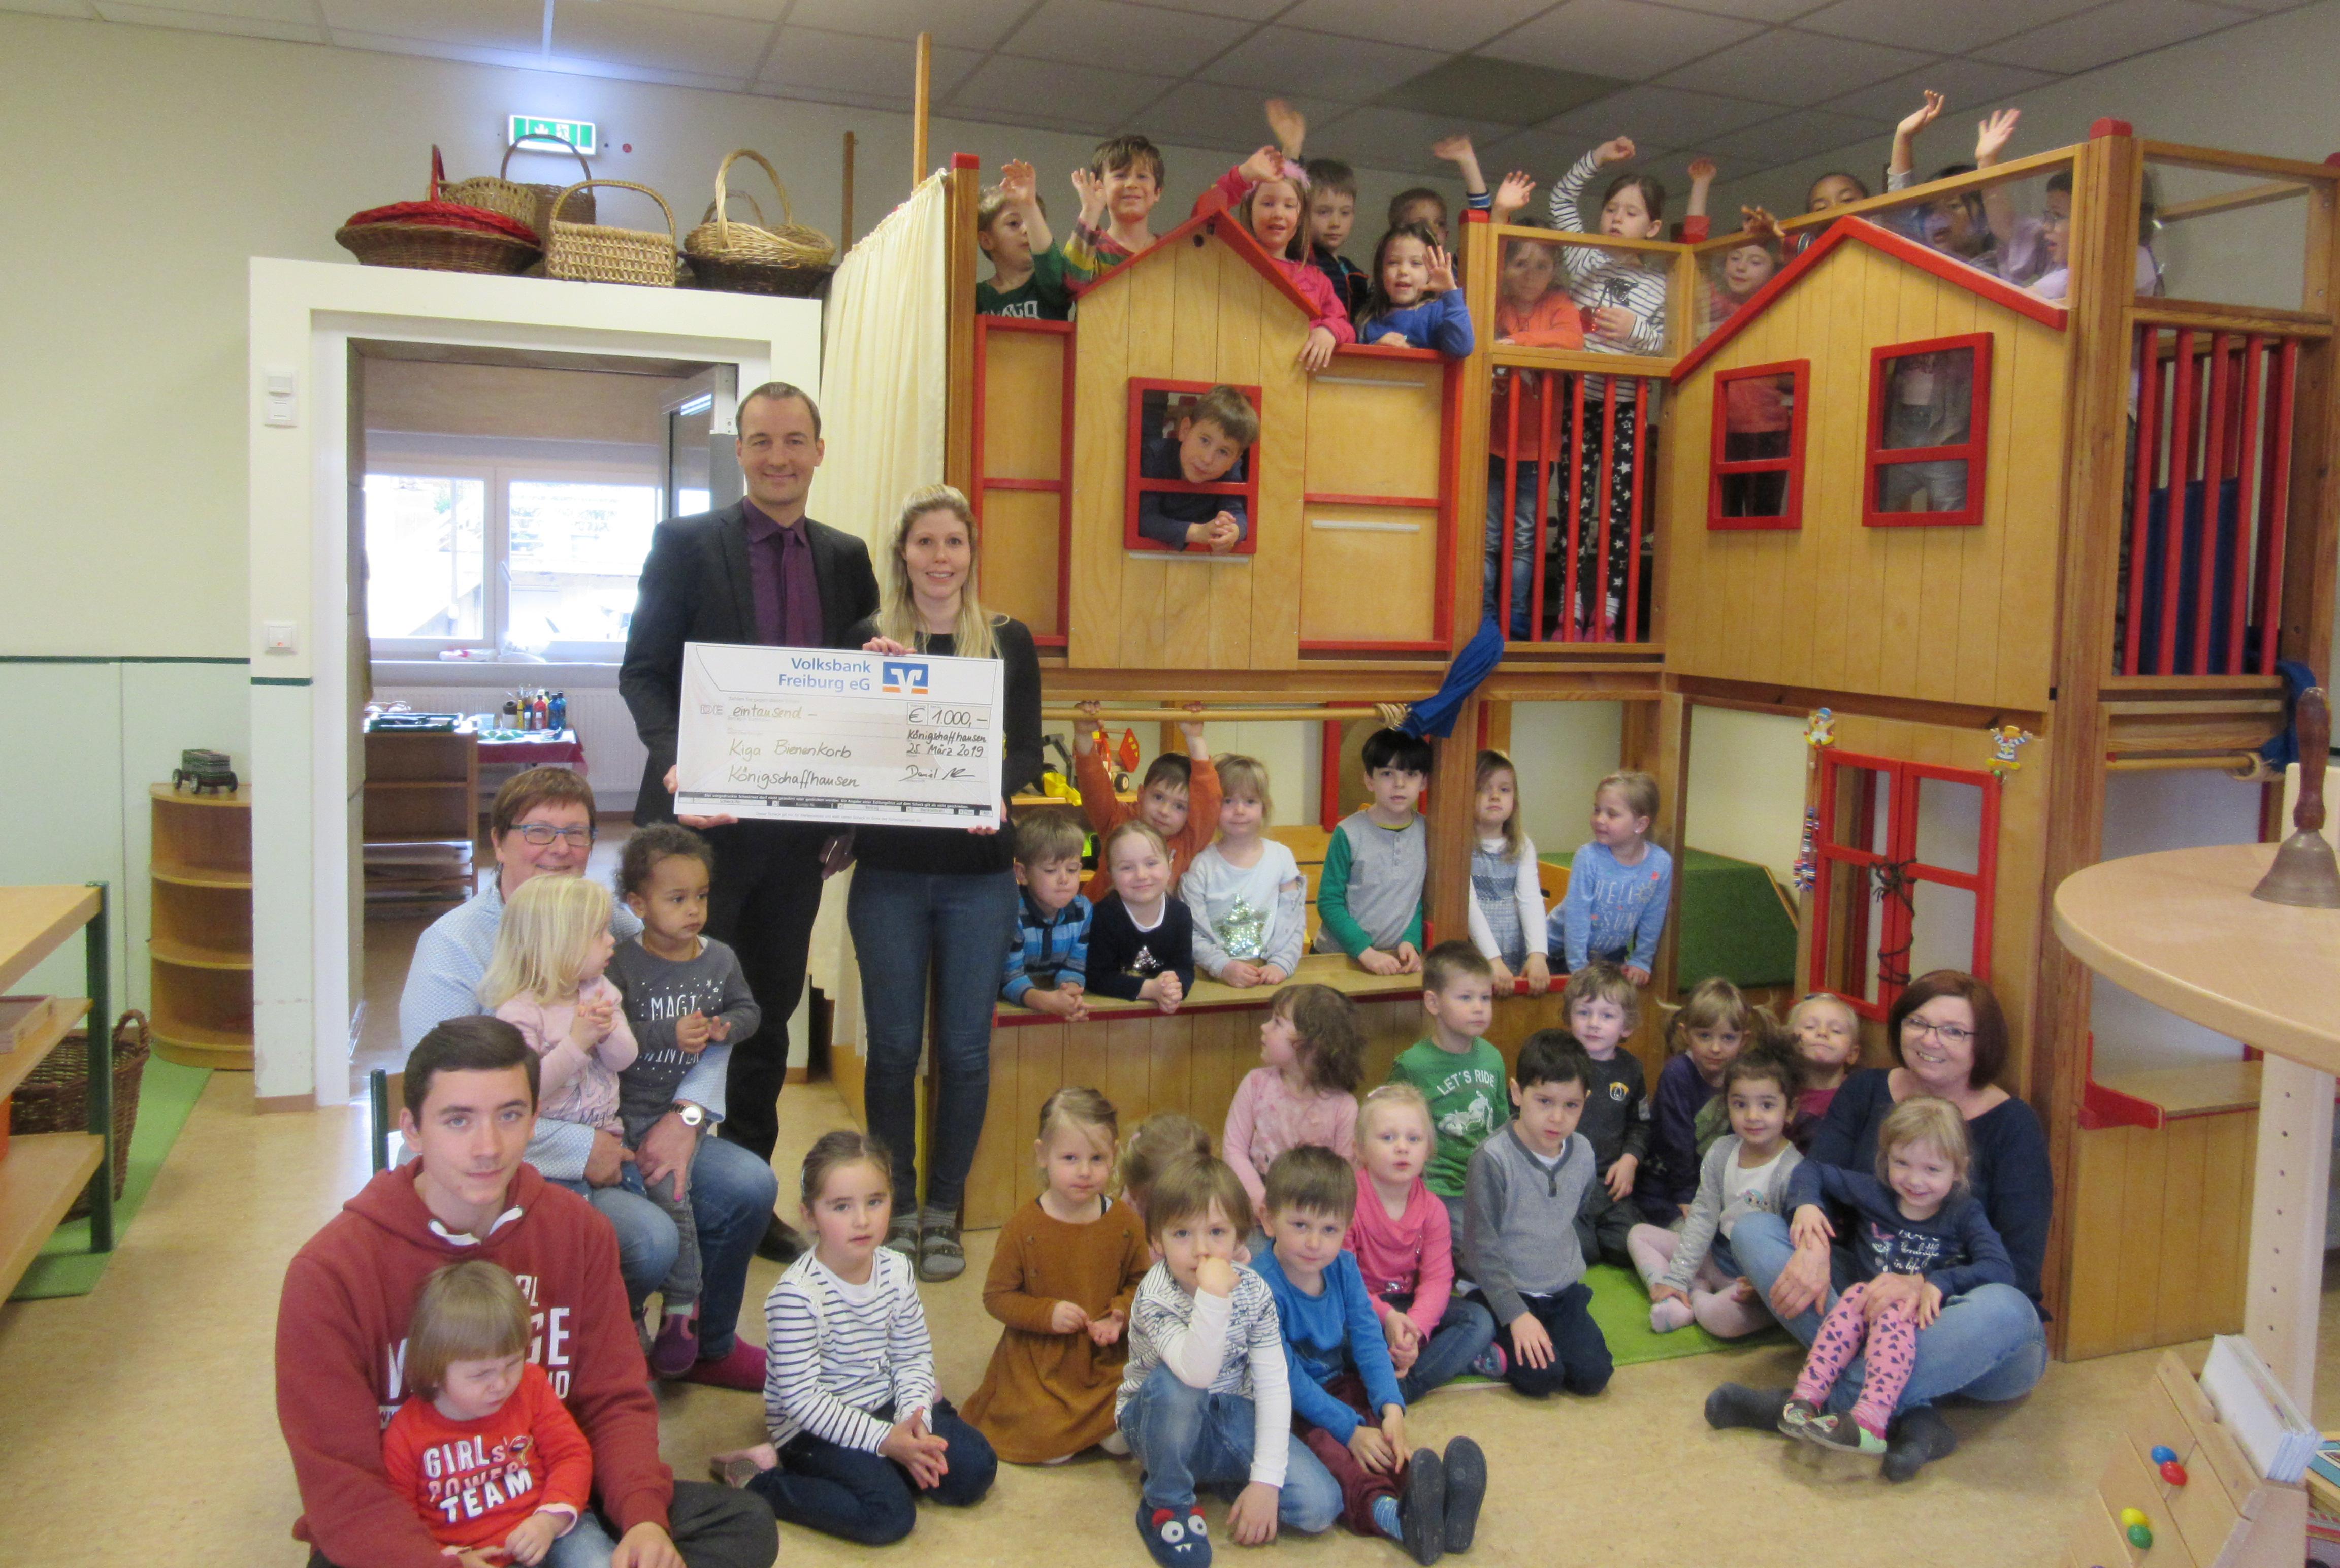 Spendenübergabe im Kindergarten vor dem Spielhaus